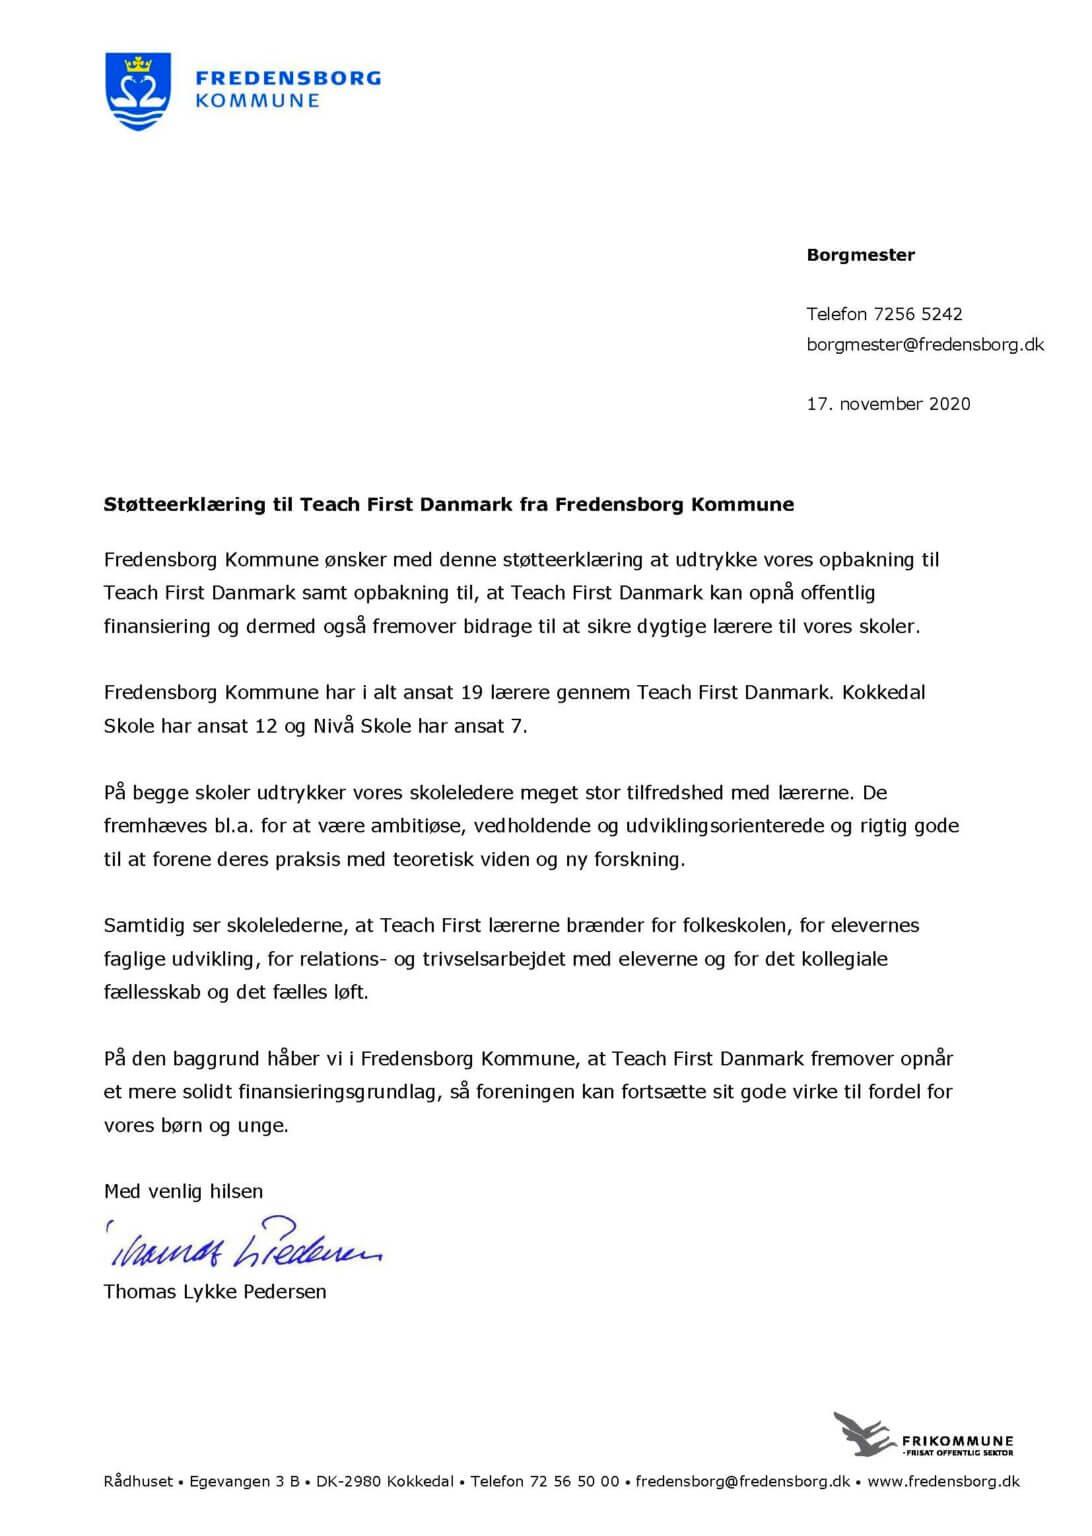 Fredensborg Kommune støtteerklæring til Teach First Danmark